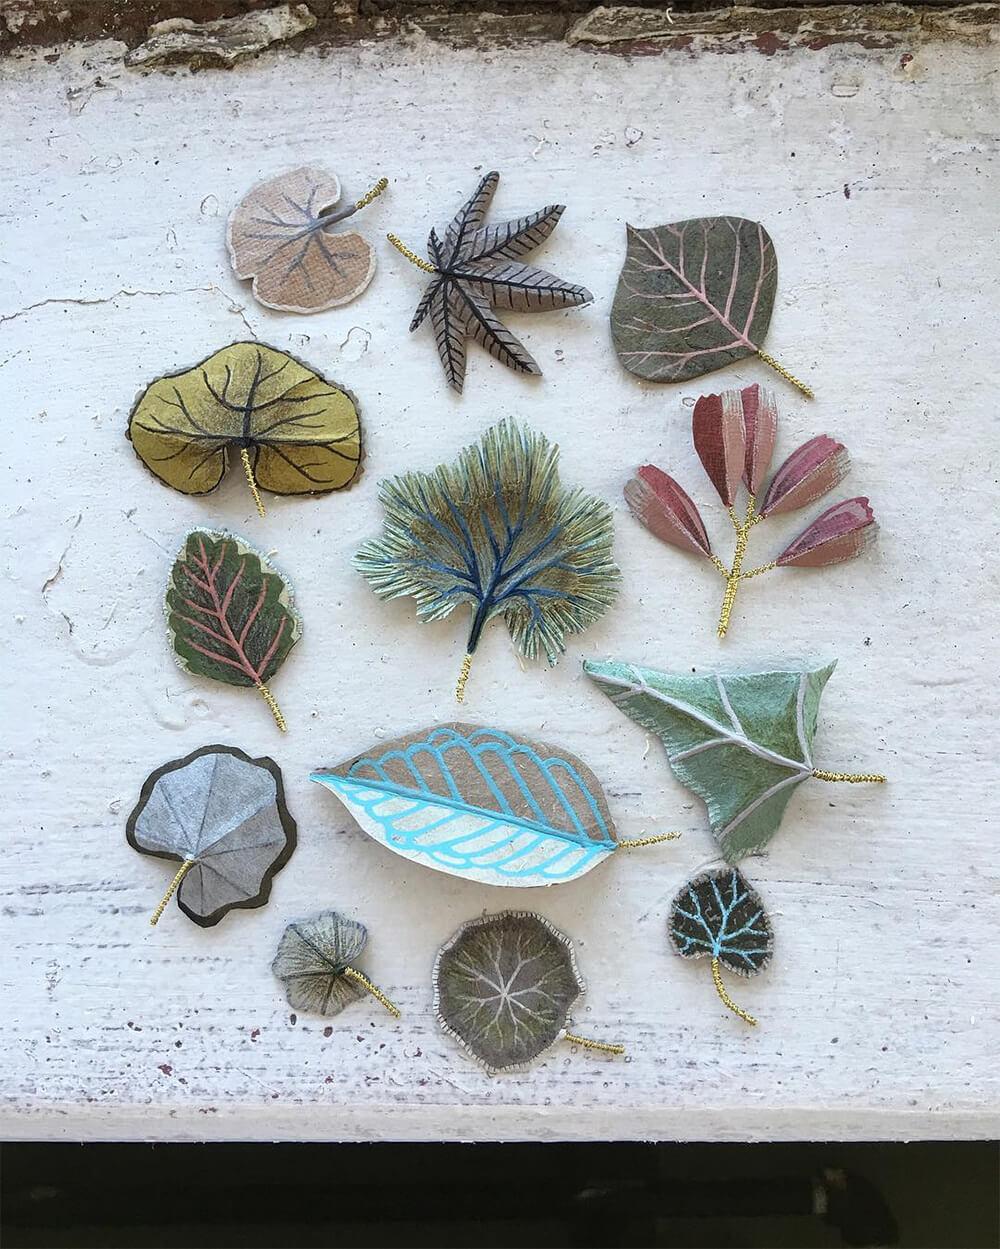 Бумажные модели флоры и фауны, фото 7